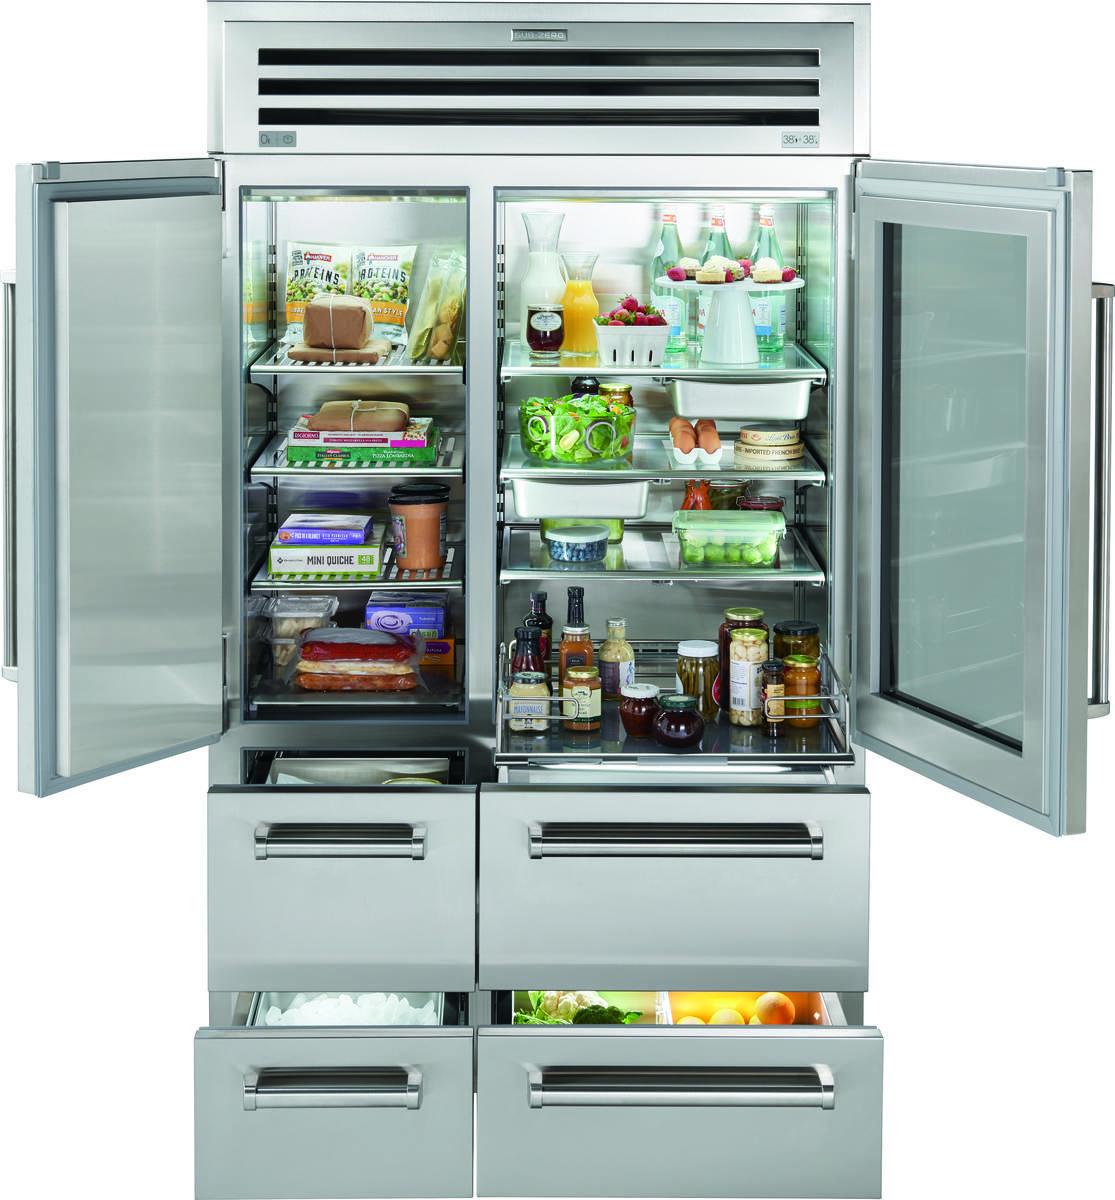 Sub Zero 48 Pro Refrigerator Freezer With Glass Door Pro4850g Refrigerator Freezer Glass Door Refrigerator Glass Refrigerator